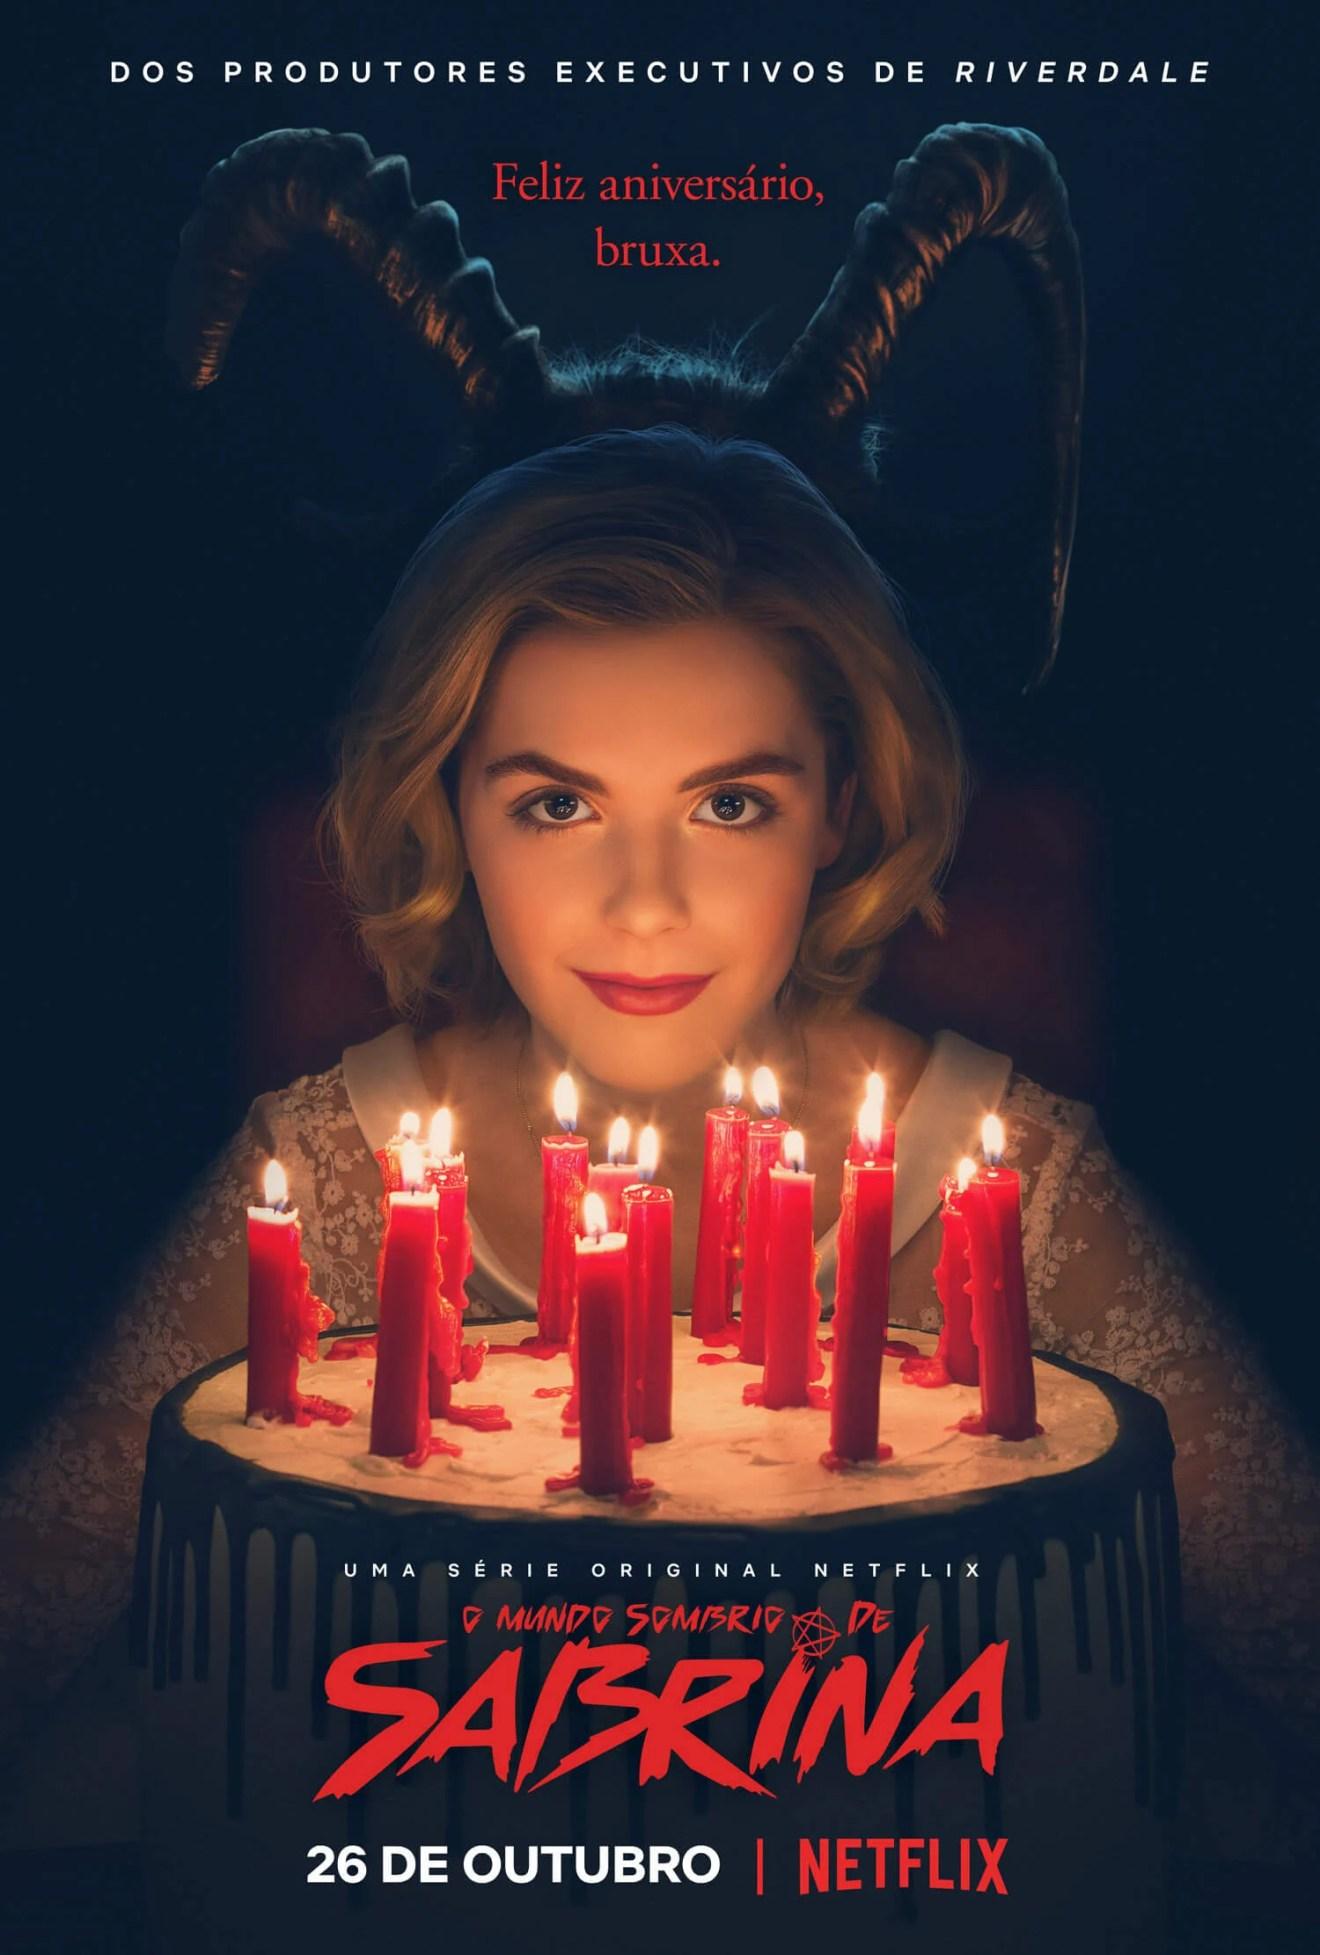 O Mundo Sombrio de Sabrina estreia no dia 26 de outubro